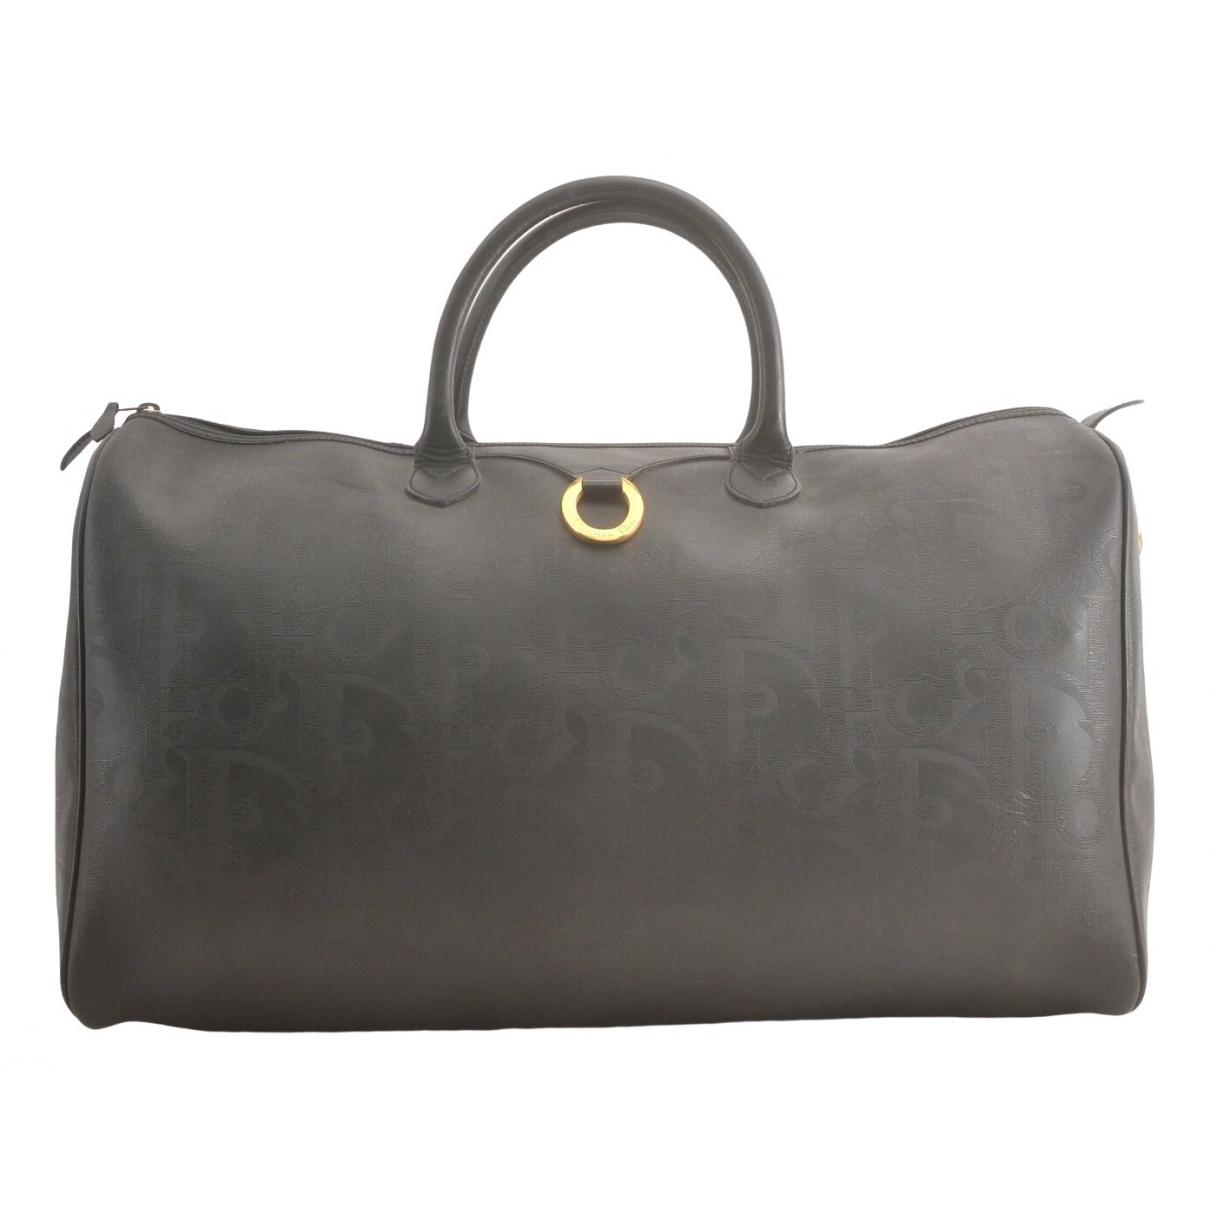 Dior - Sac de voyage   pour femme - noir